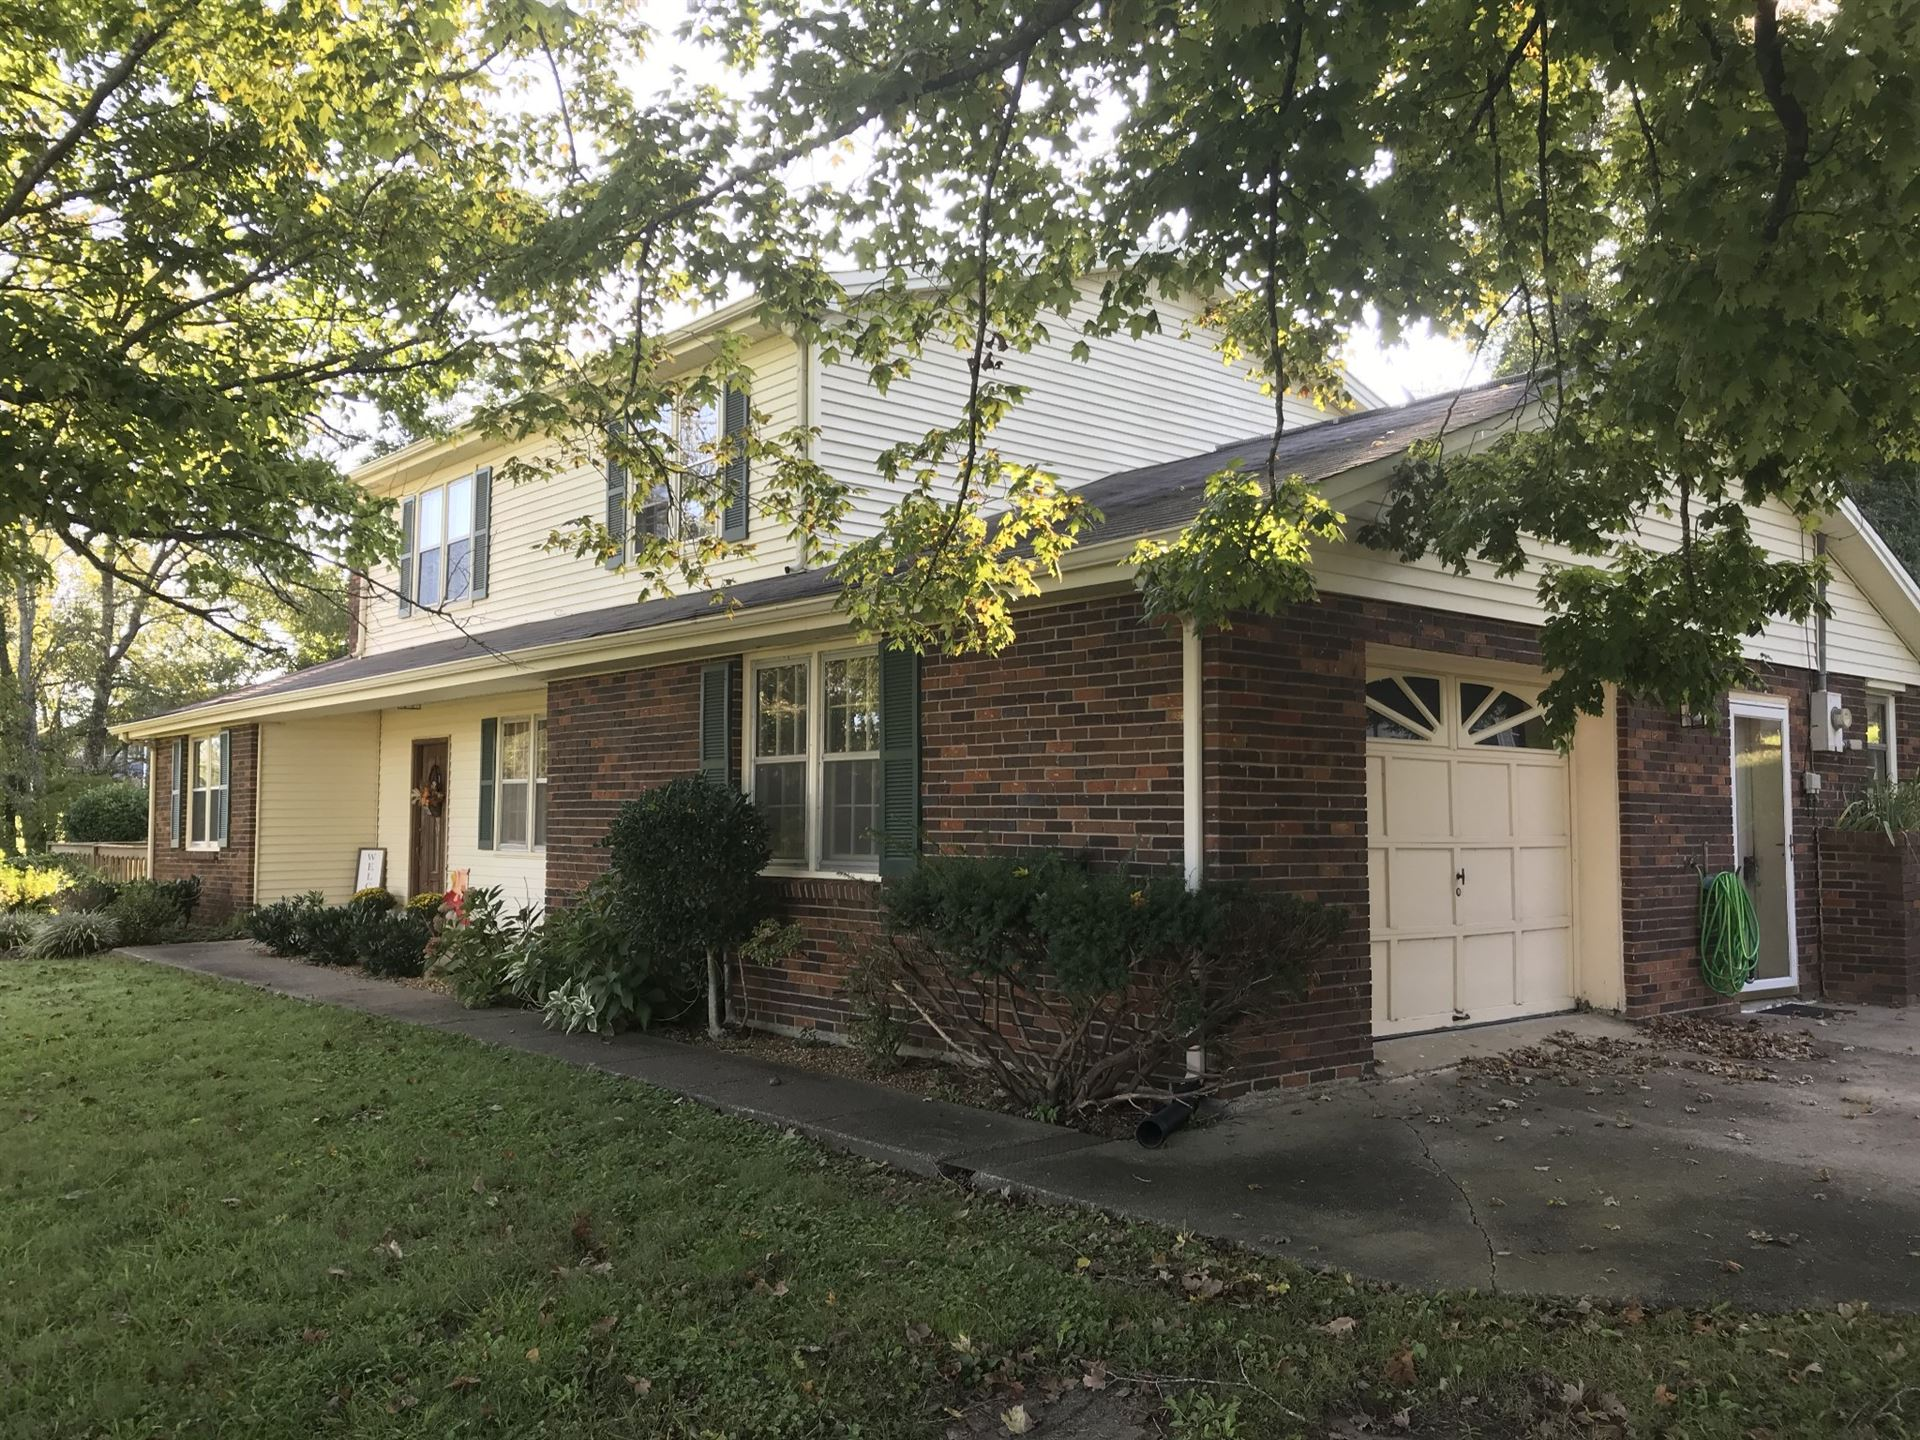 2037 Ridgecrest Cir, Dickson, TN 37055 - MLS#: 2189344